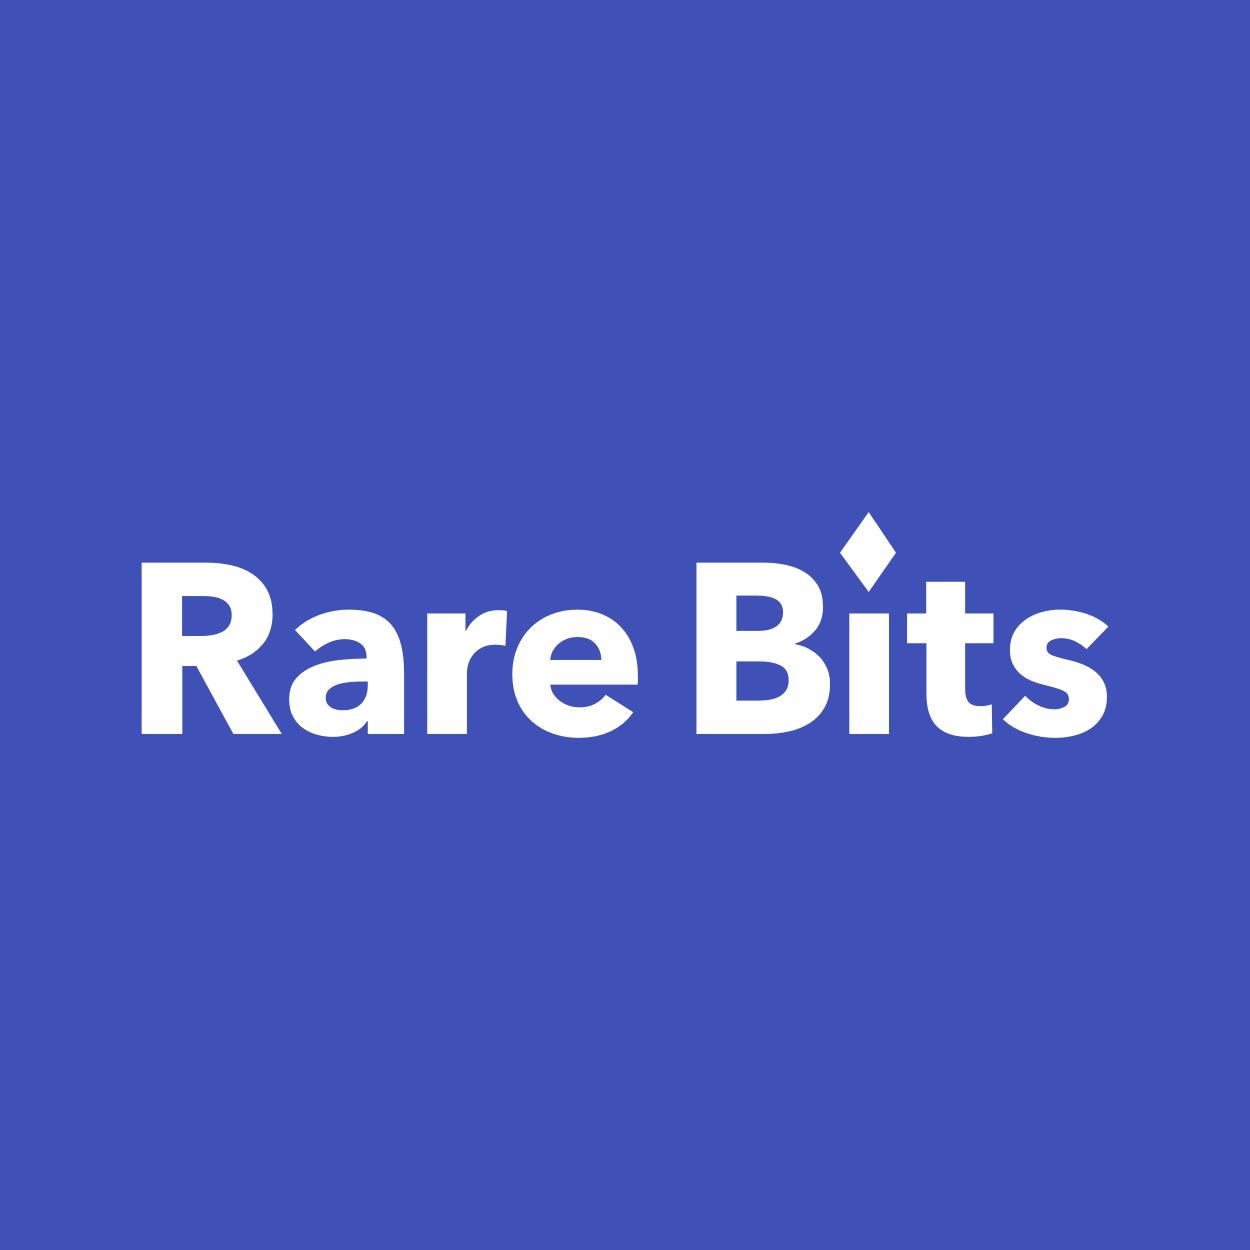 Rare Bits